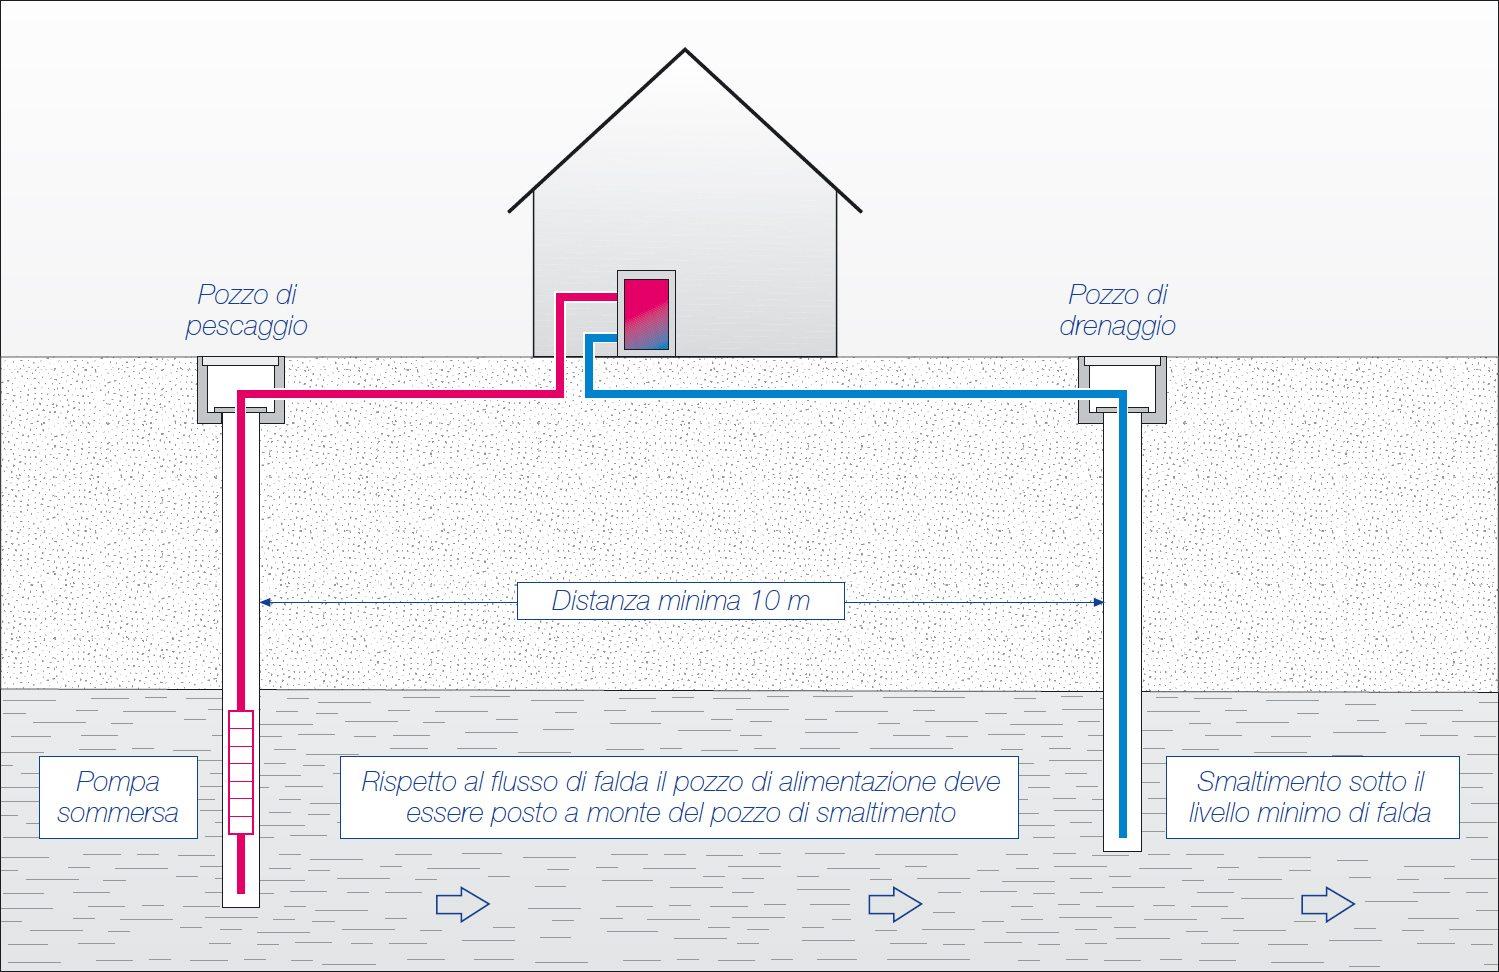 Схема теплового насоса вода-вода